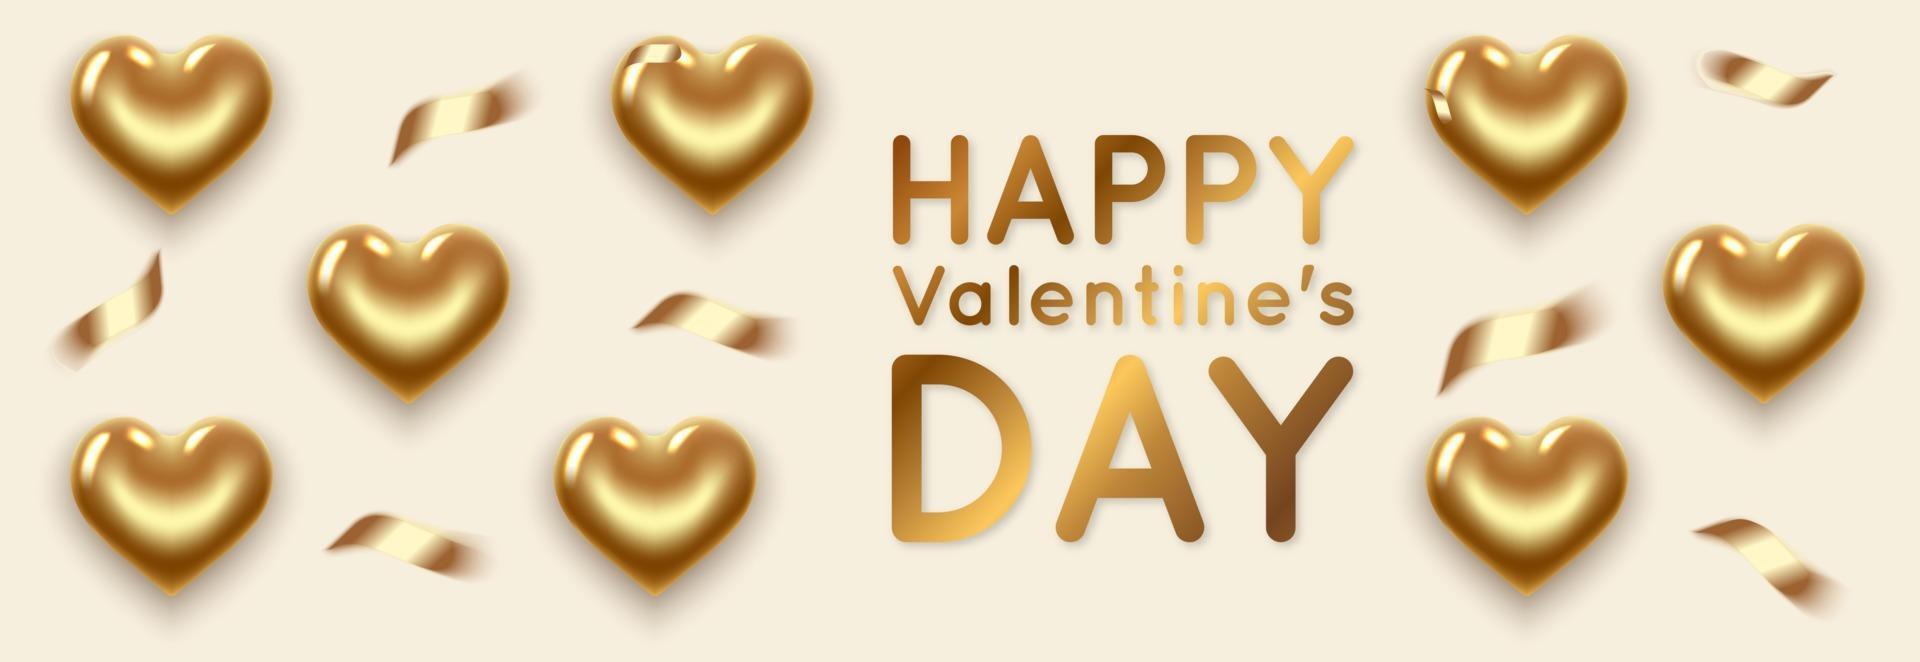 banner di San Valentino orizzontale con cuori d'oro vettore